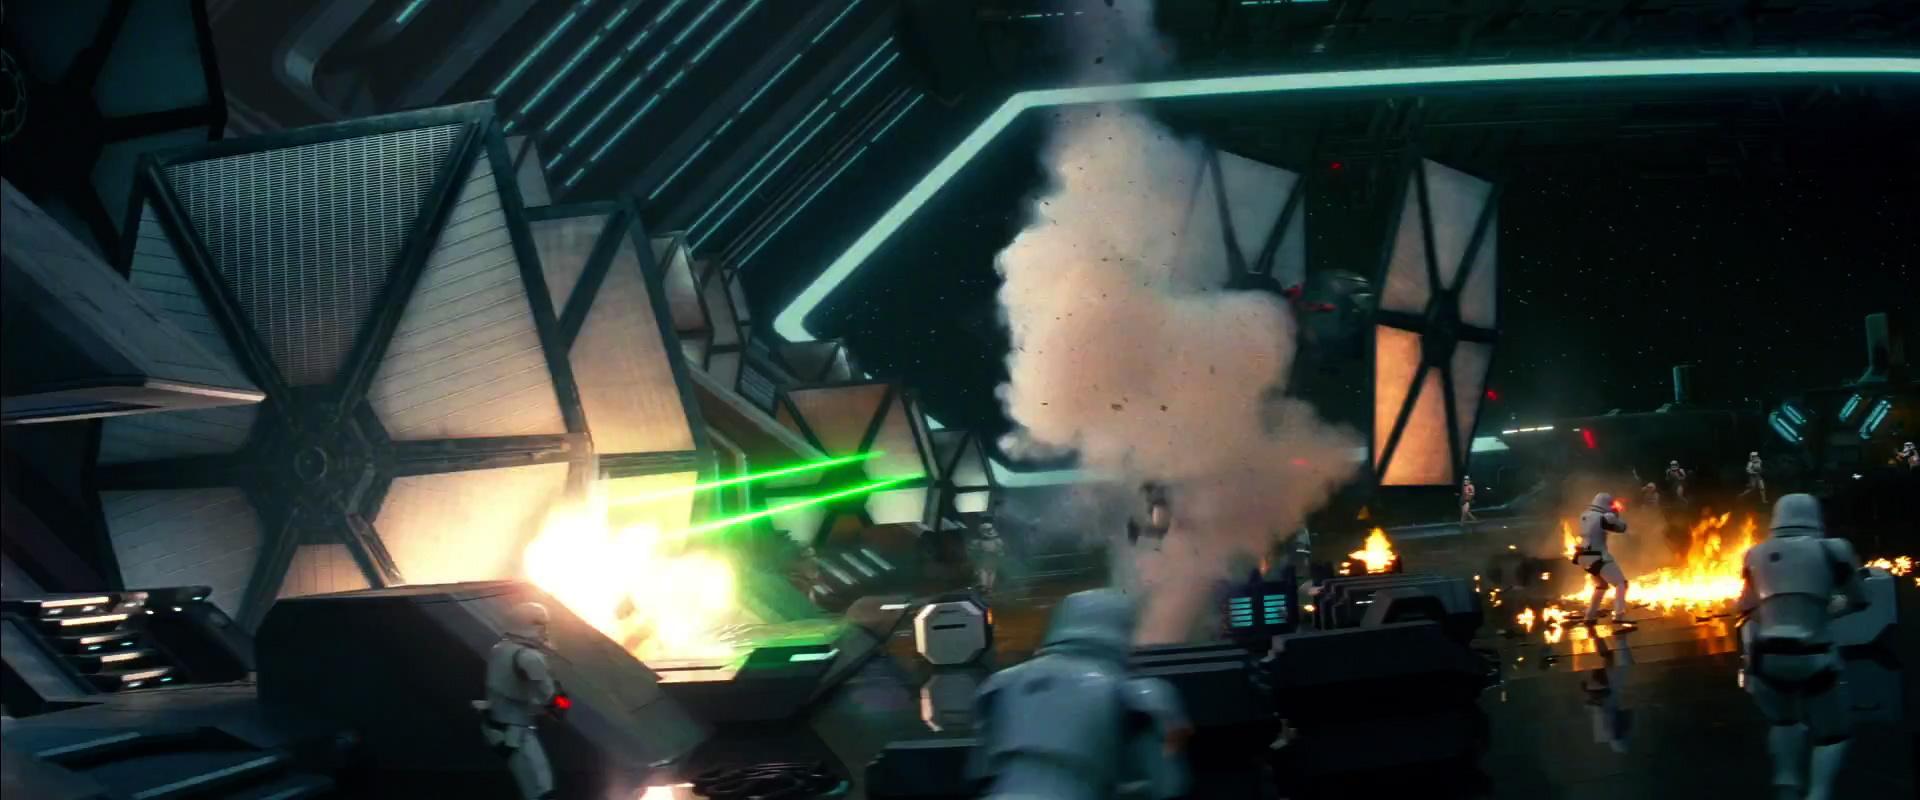 Star Wars  The Force Awakens Official Teaser #2 1817.jpg